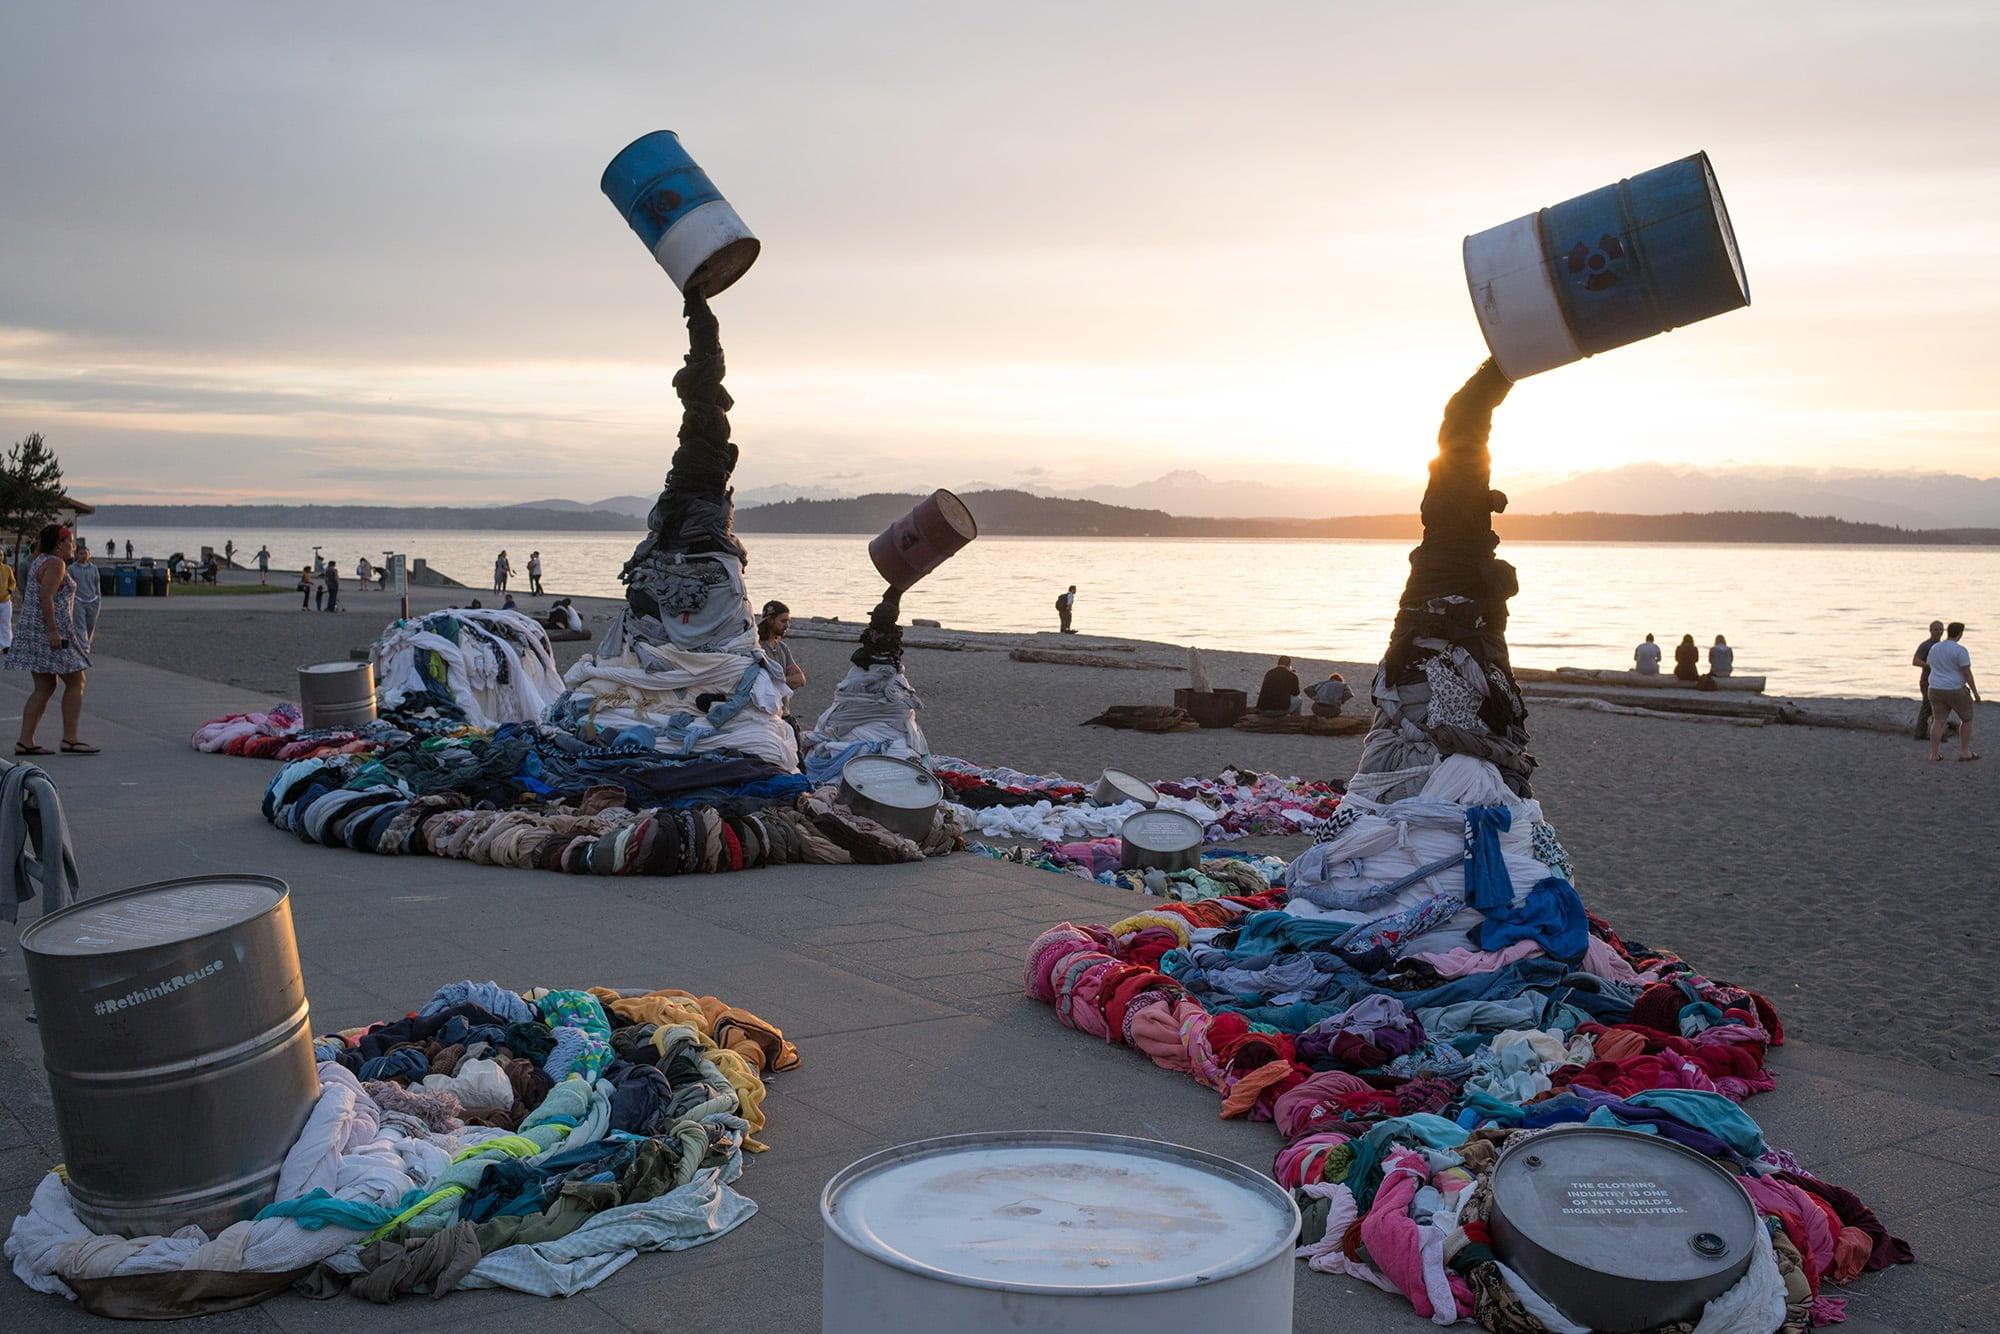 Okyanus çöpünden kıyafet yapacak